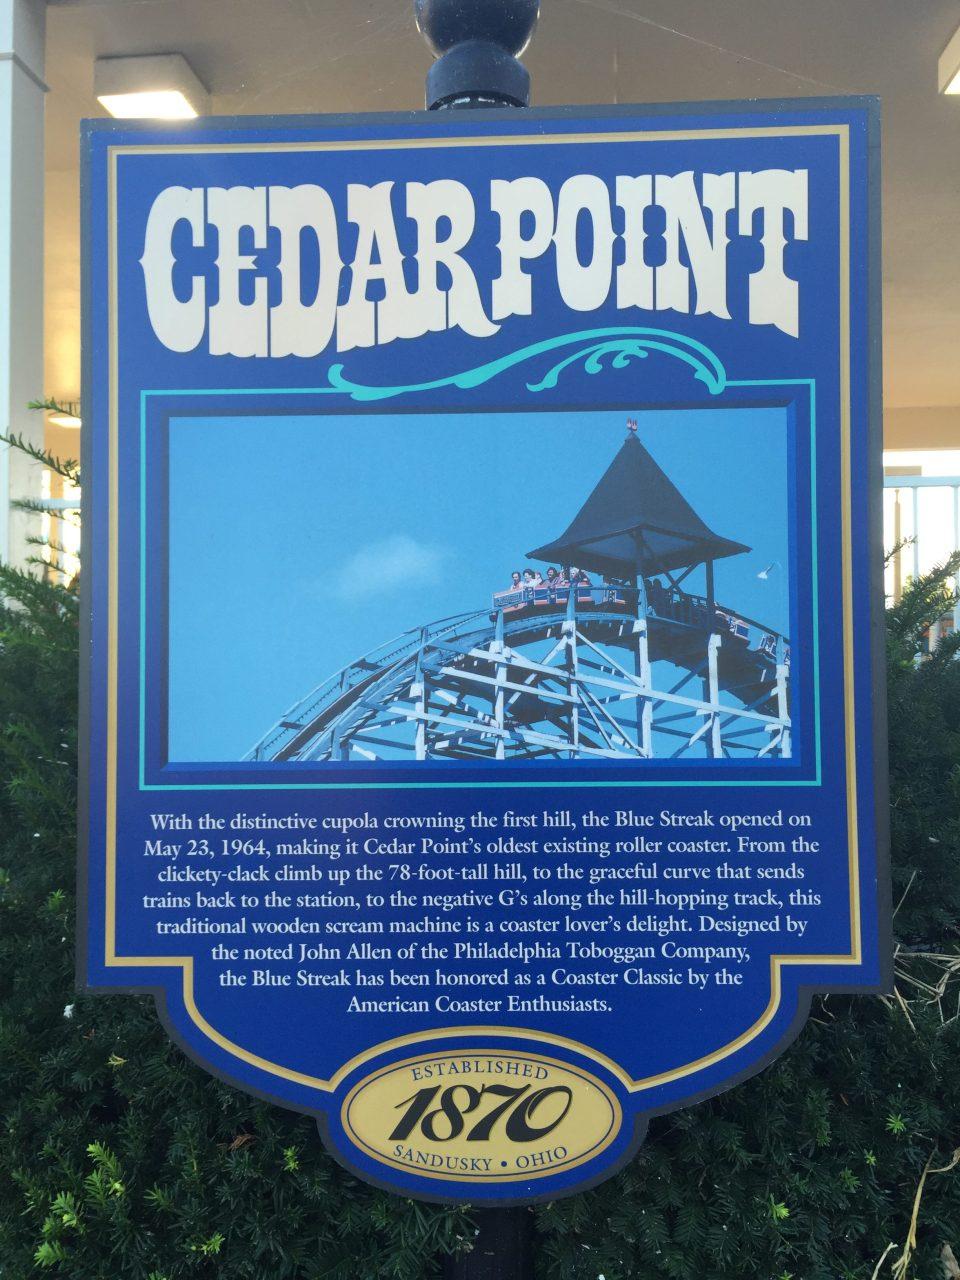 Cedar Point - Roller Coaster Capital of the World